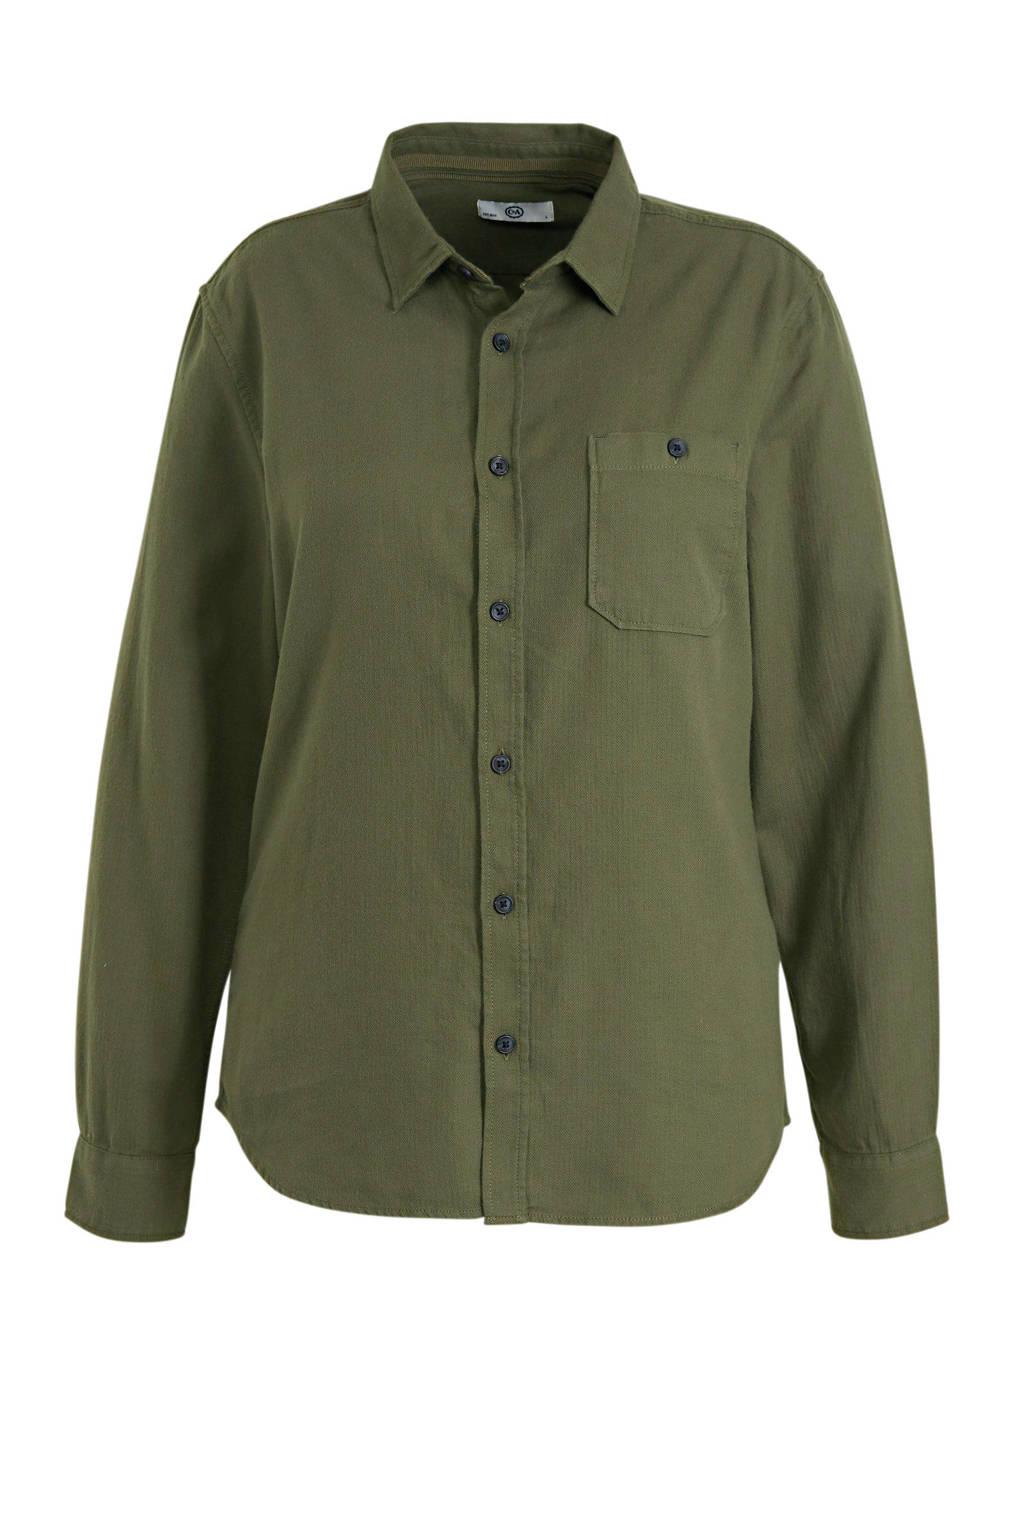 C&A Angelo Litrico slim fit overhemd olijfgroen, Olijfgroen